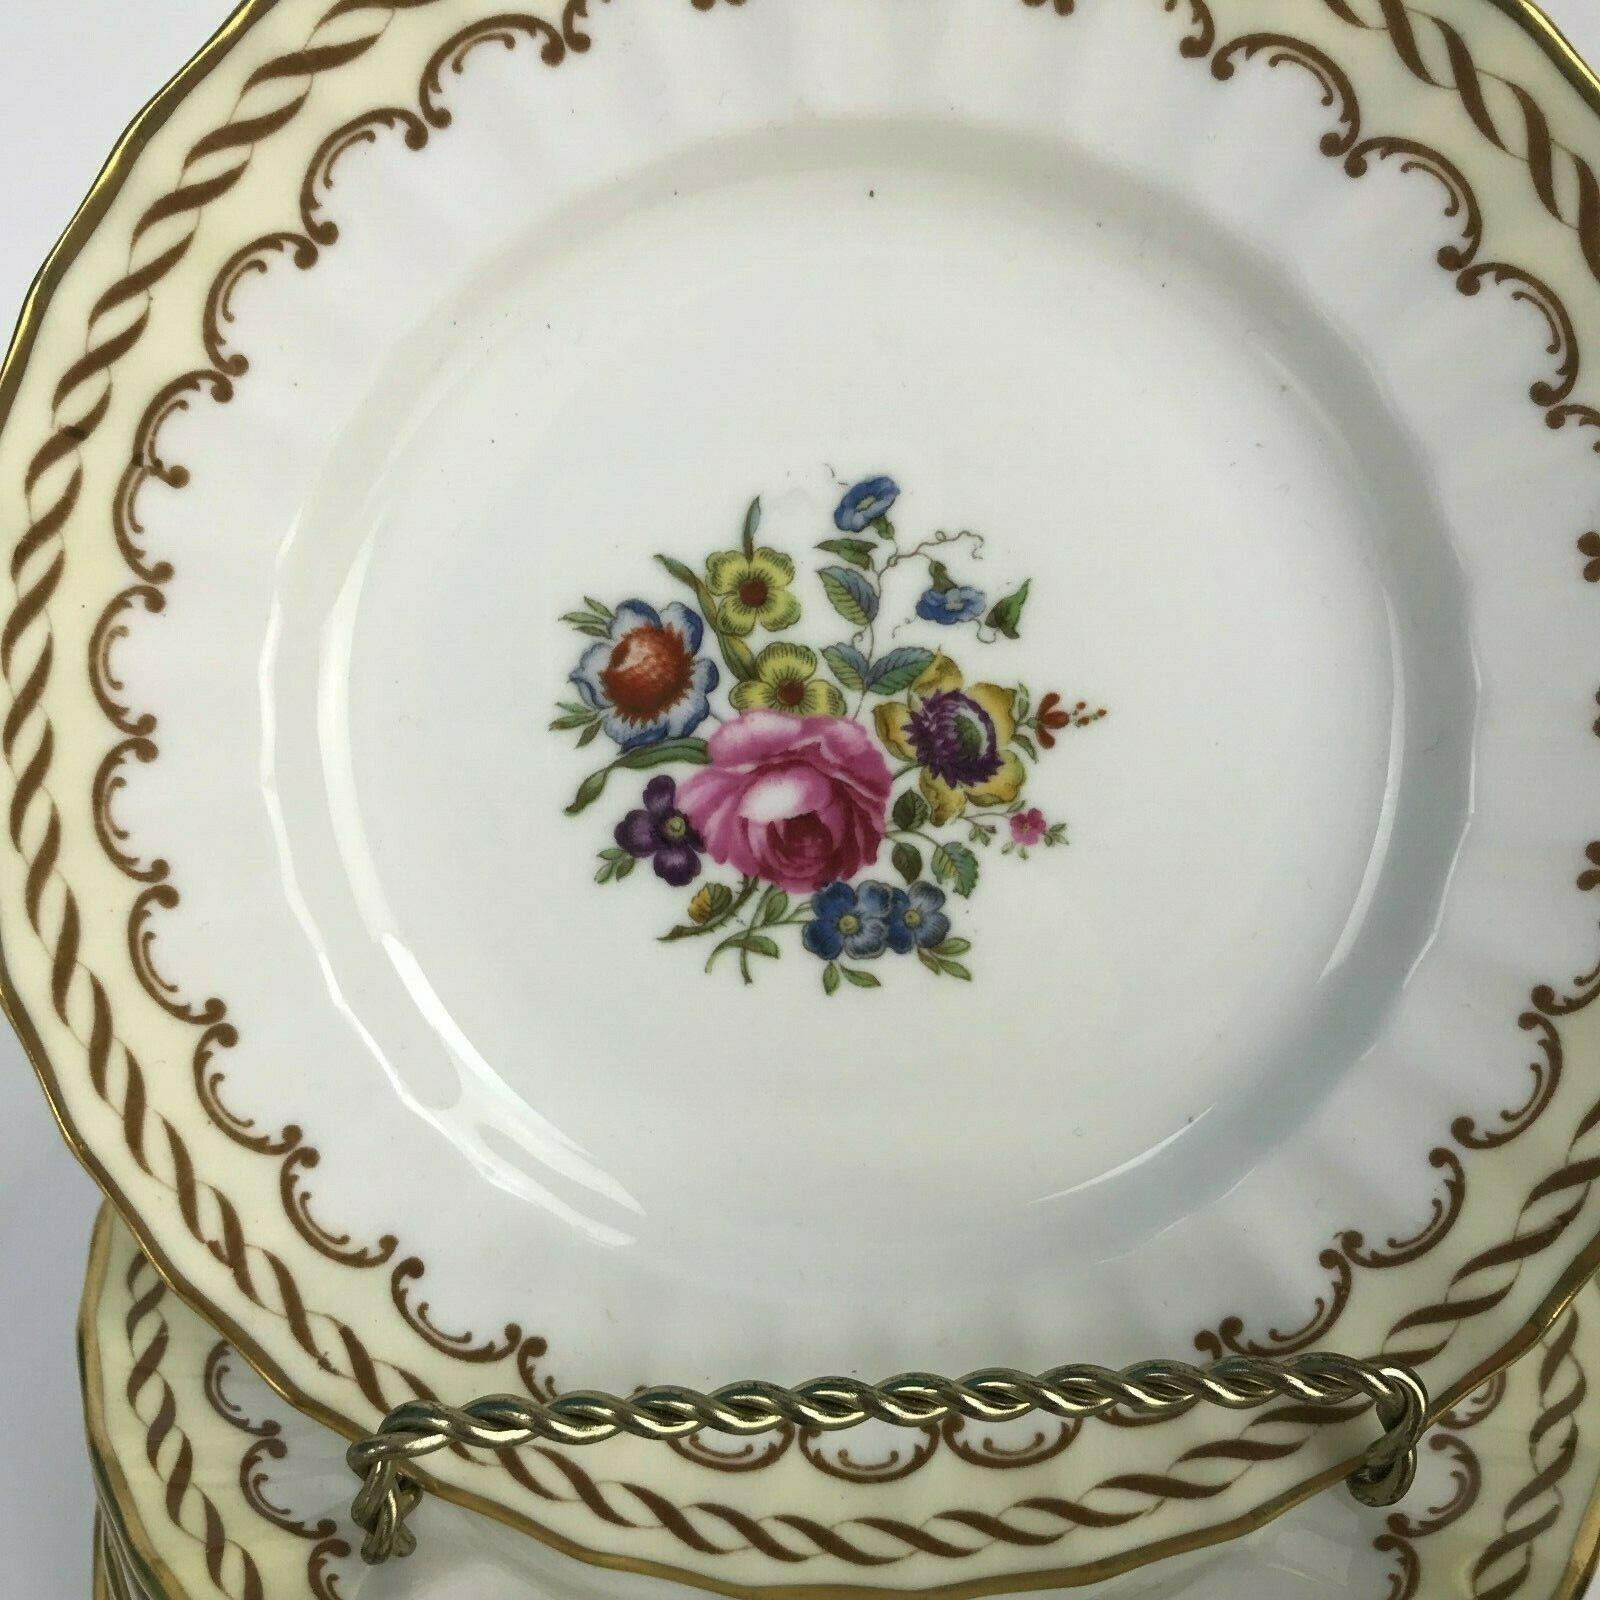 Set Of 8 Vintage Royal Worcester England Floral Center Kempsey Bread Plates U20 image 2